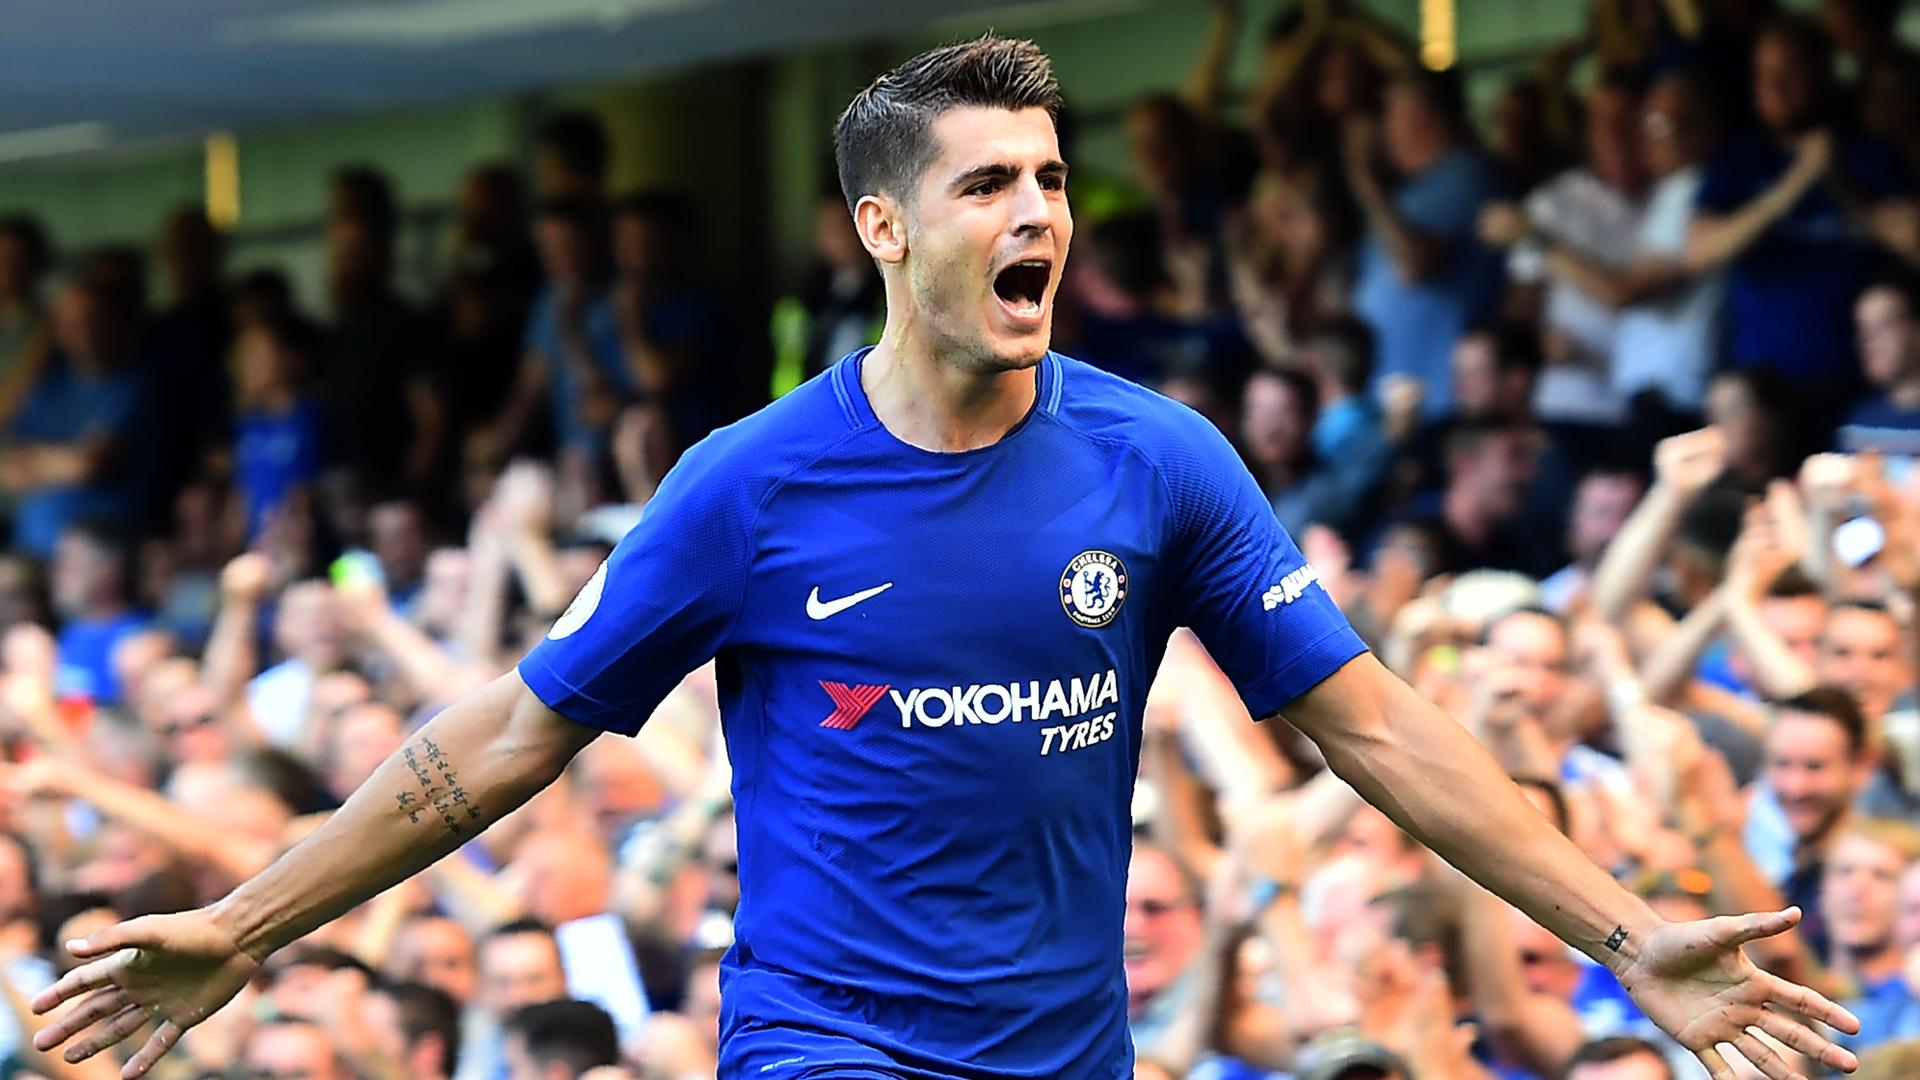 Cựu sao Chelsea đánh giá cao Lukaku hơn Morata - Bóng Đá